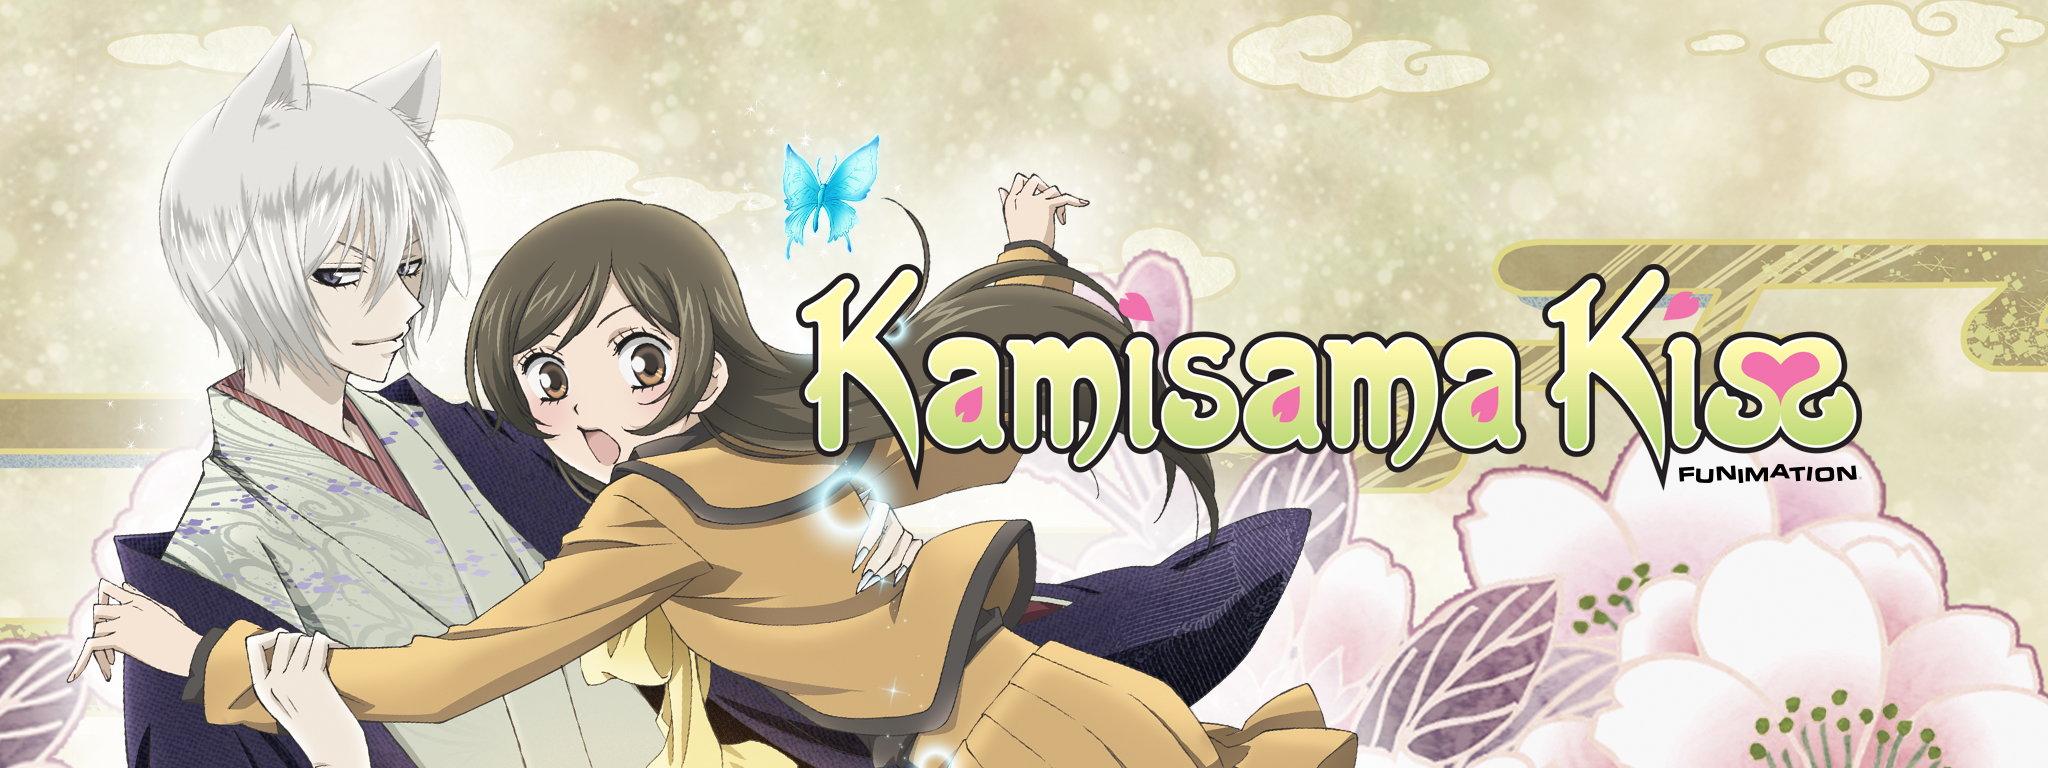 دانلود انیمه بوسه ایزدی Kamisama Hajimemashita 2012